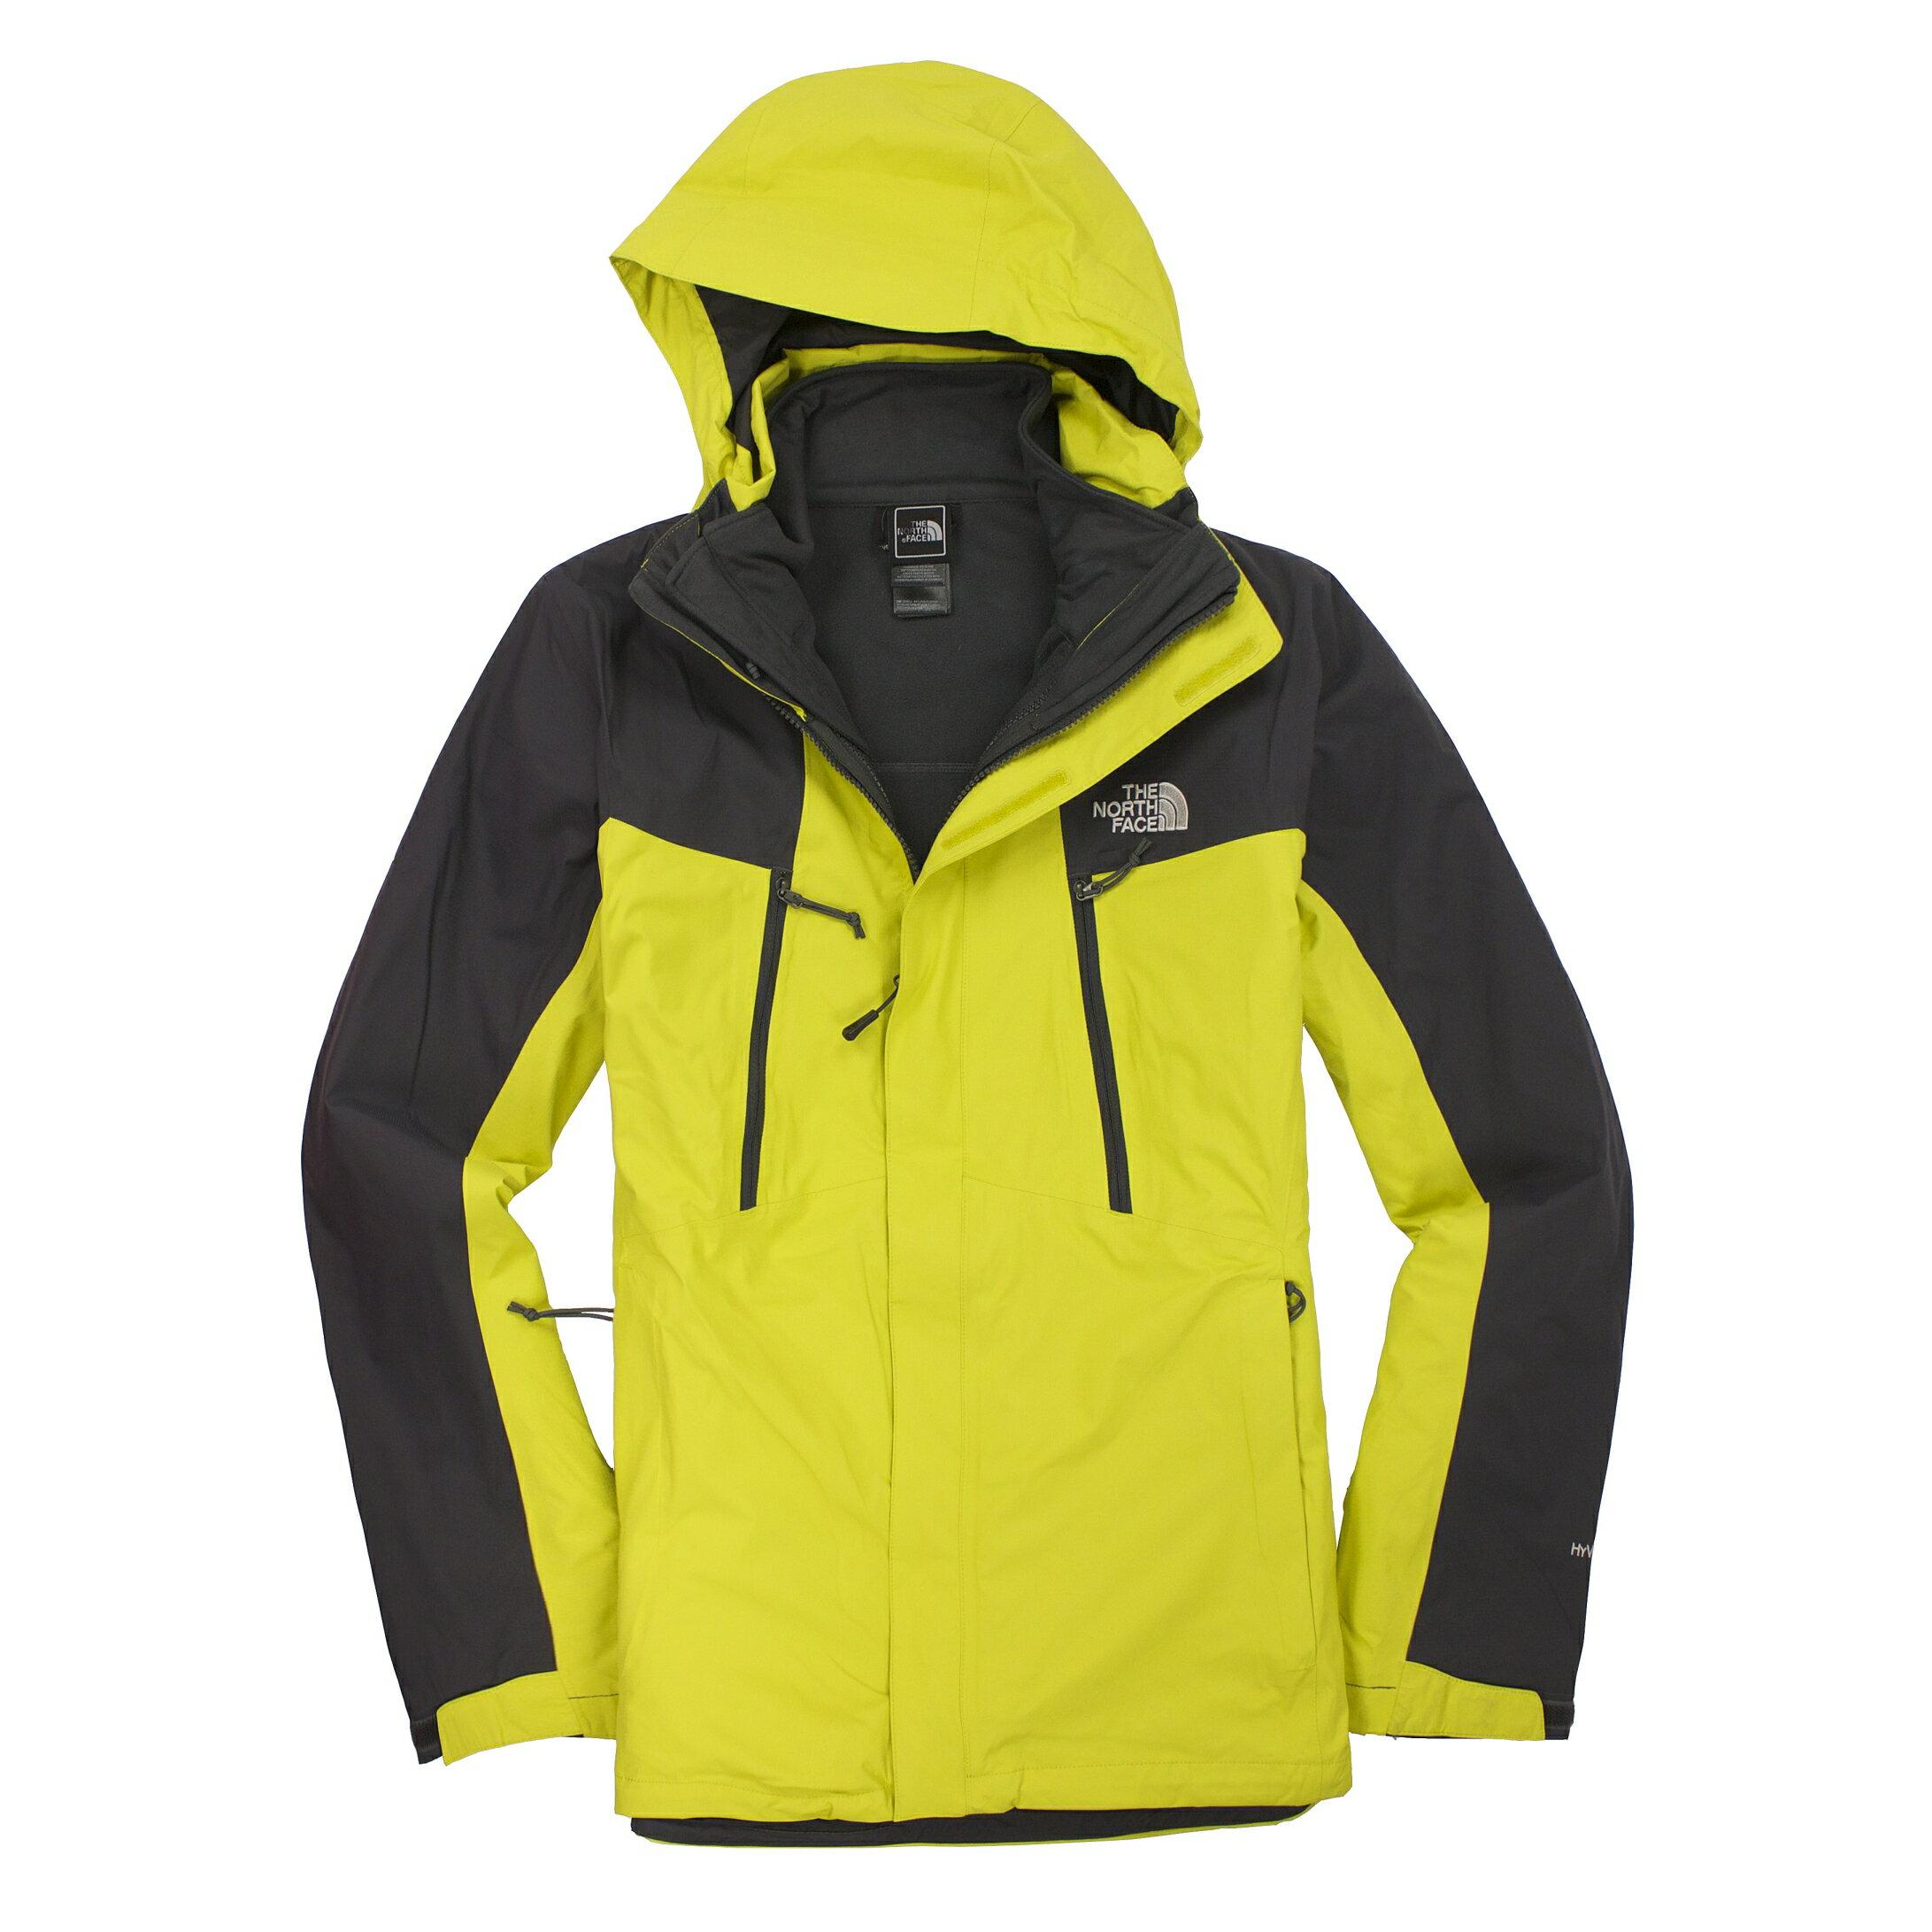 美國百分百【全新真品】The North Face 外套 TNF 夾克 連帽 北臉 橄欖綠灰 兩件式 Hyvent 男 S A830